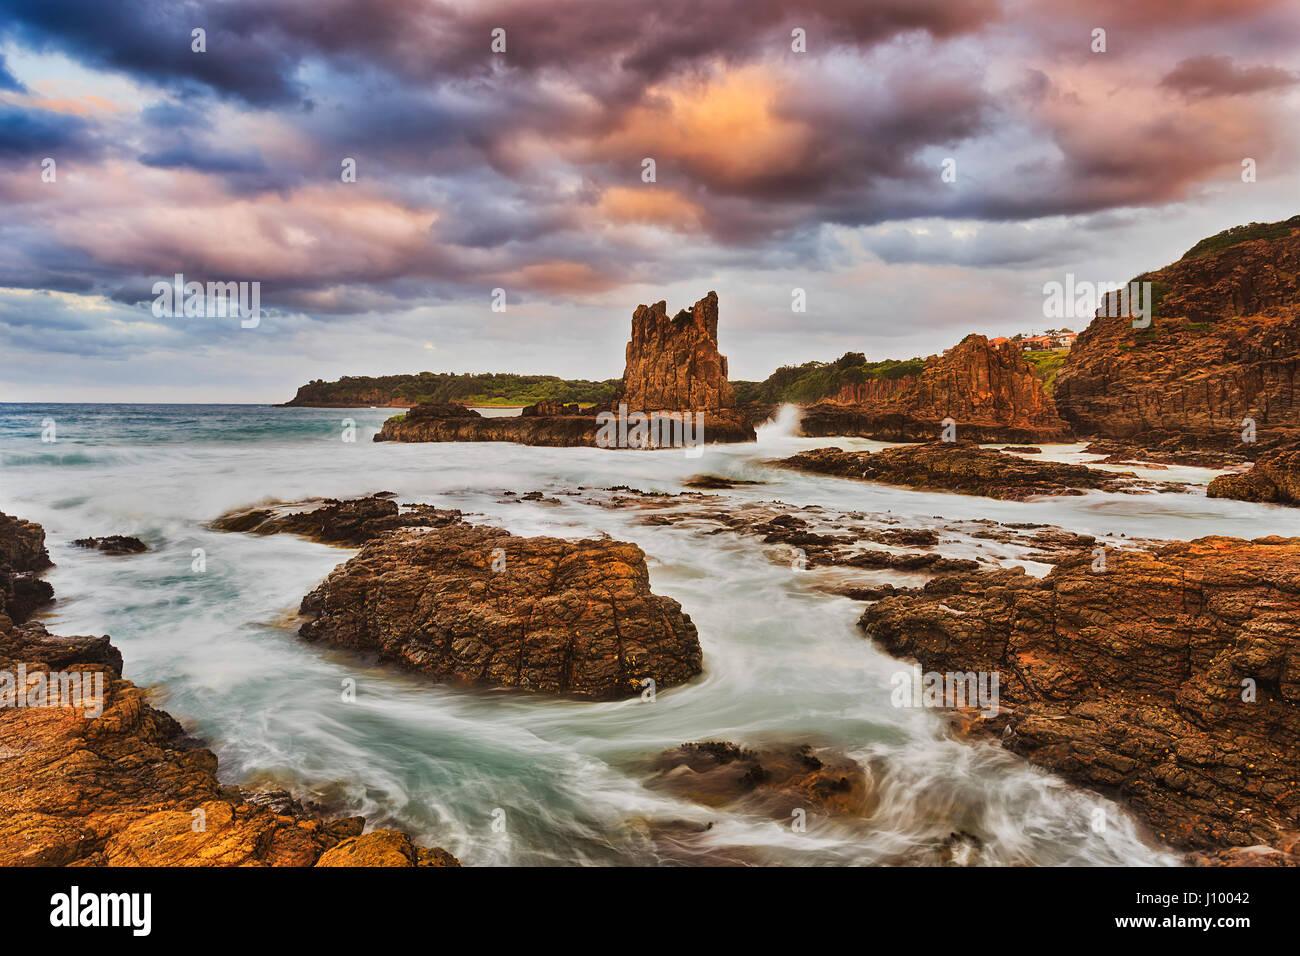 Tramonto colorato a Bombo beach e Cathedral Rocks in Kiama, costa del Pacifico in Australia. Erose rocce di arenaria Immagini Stock